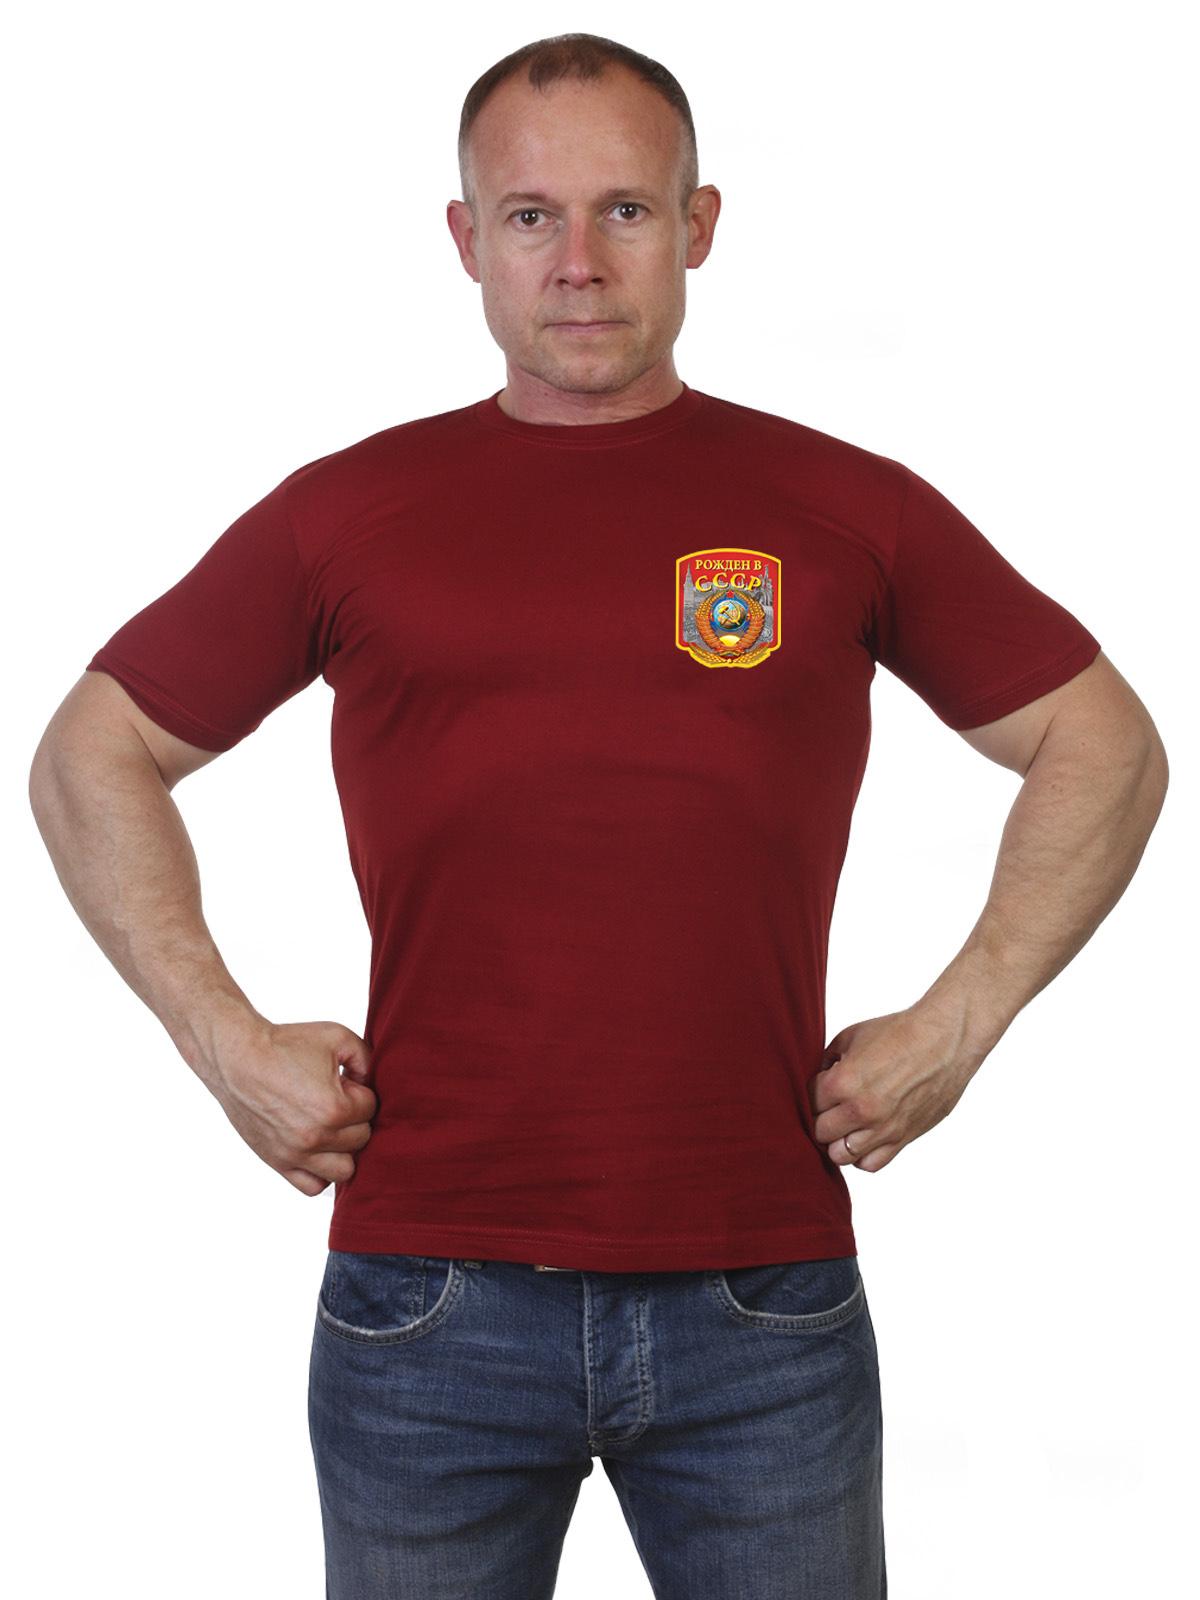 Заказать мужскую футболку СССР